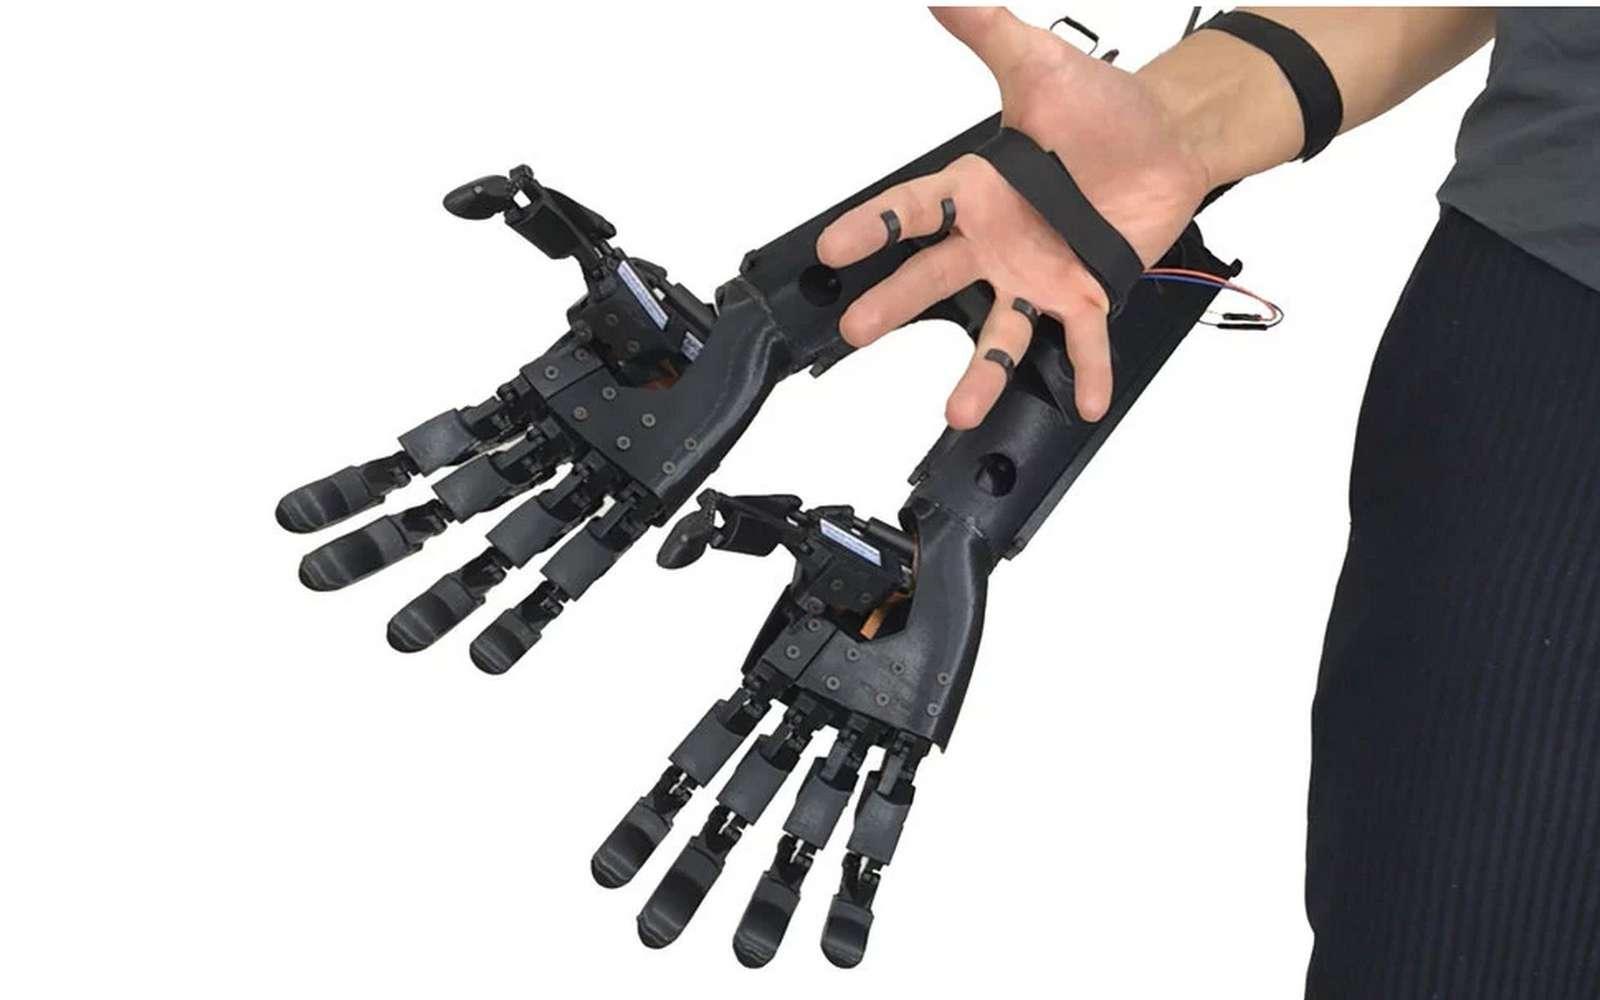 Une bien étrange extension de la main, mais qui fonctionne vraiment. © Youbionic